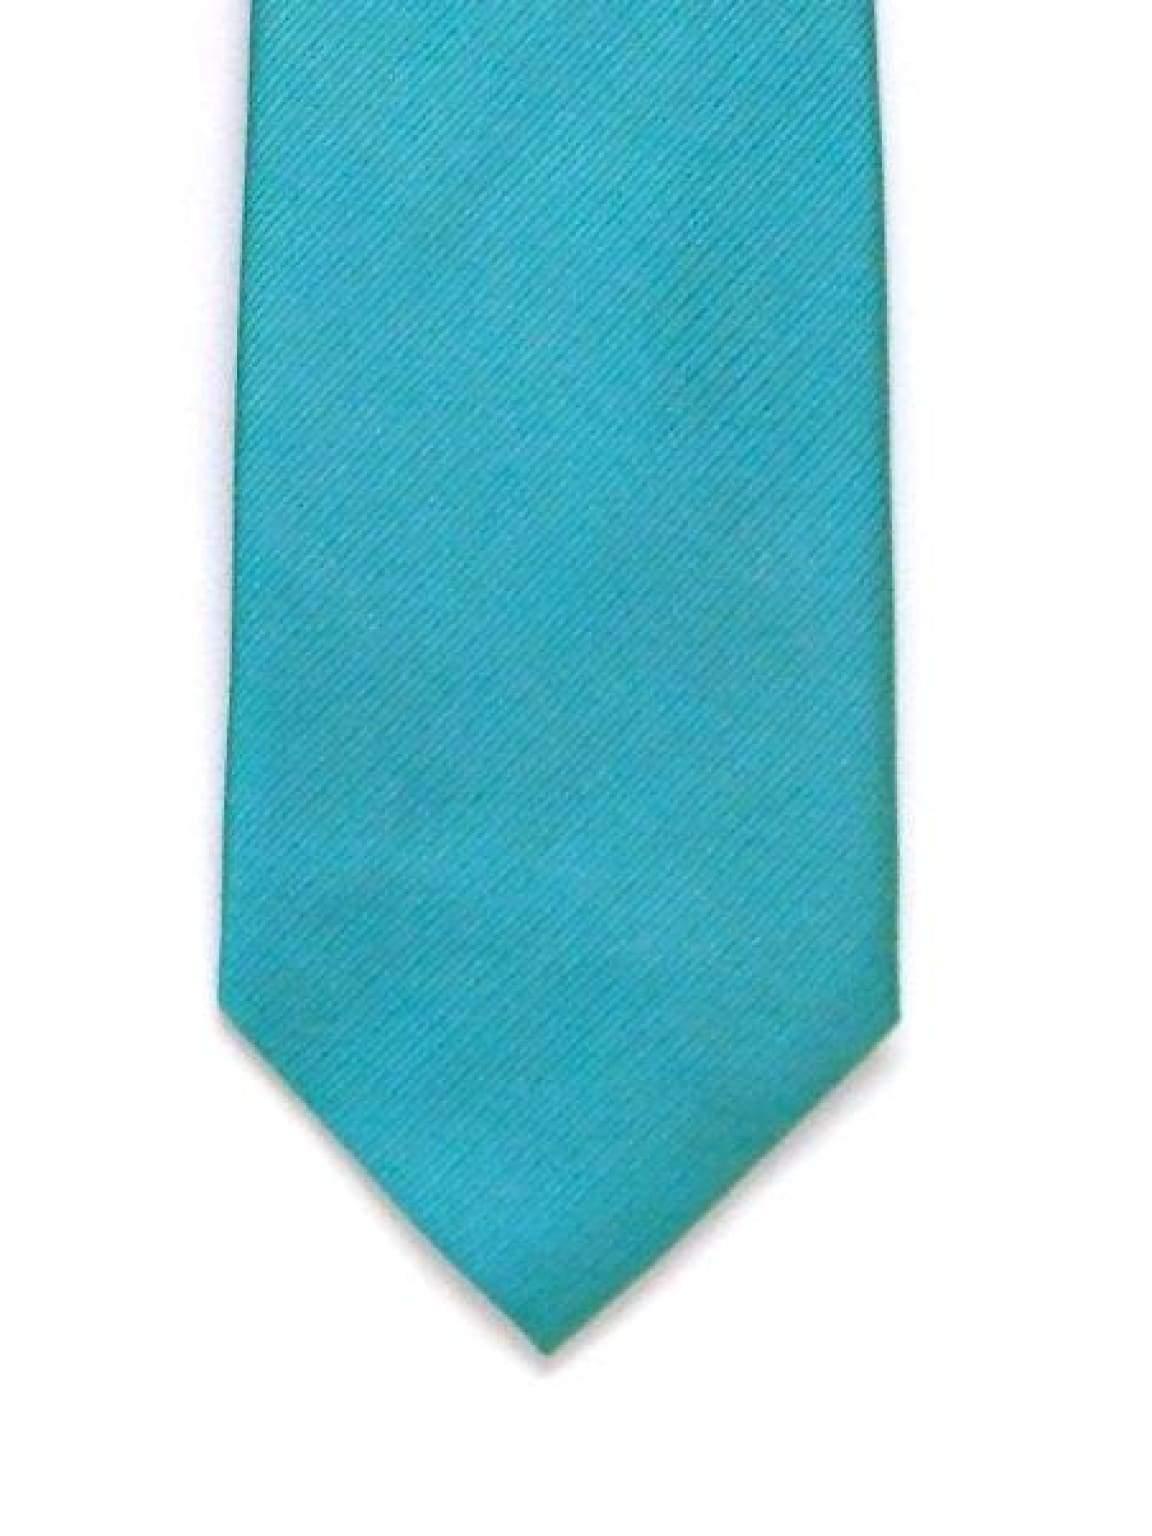 LA Smith Plain Aqua Silk Tie - Accessories